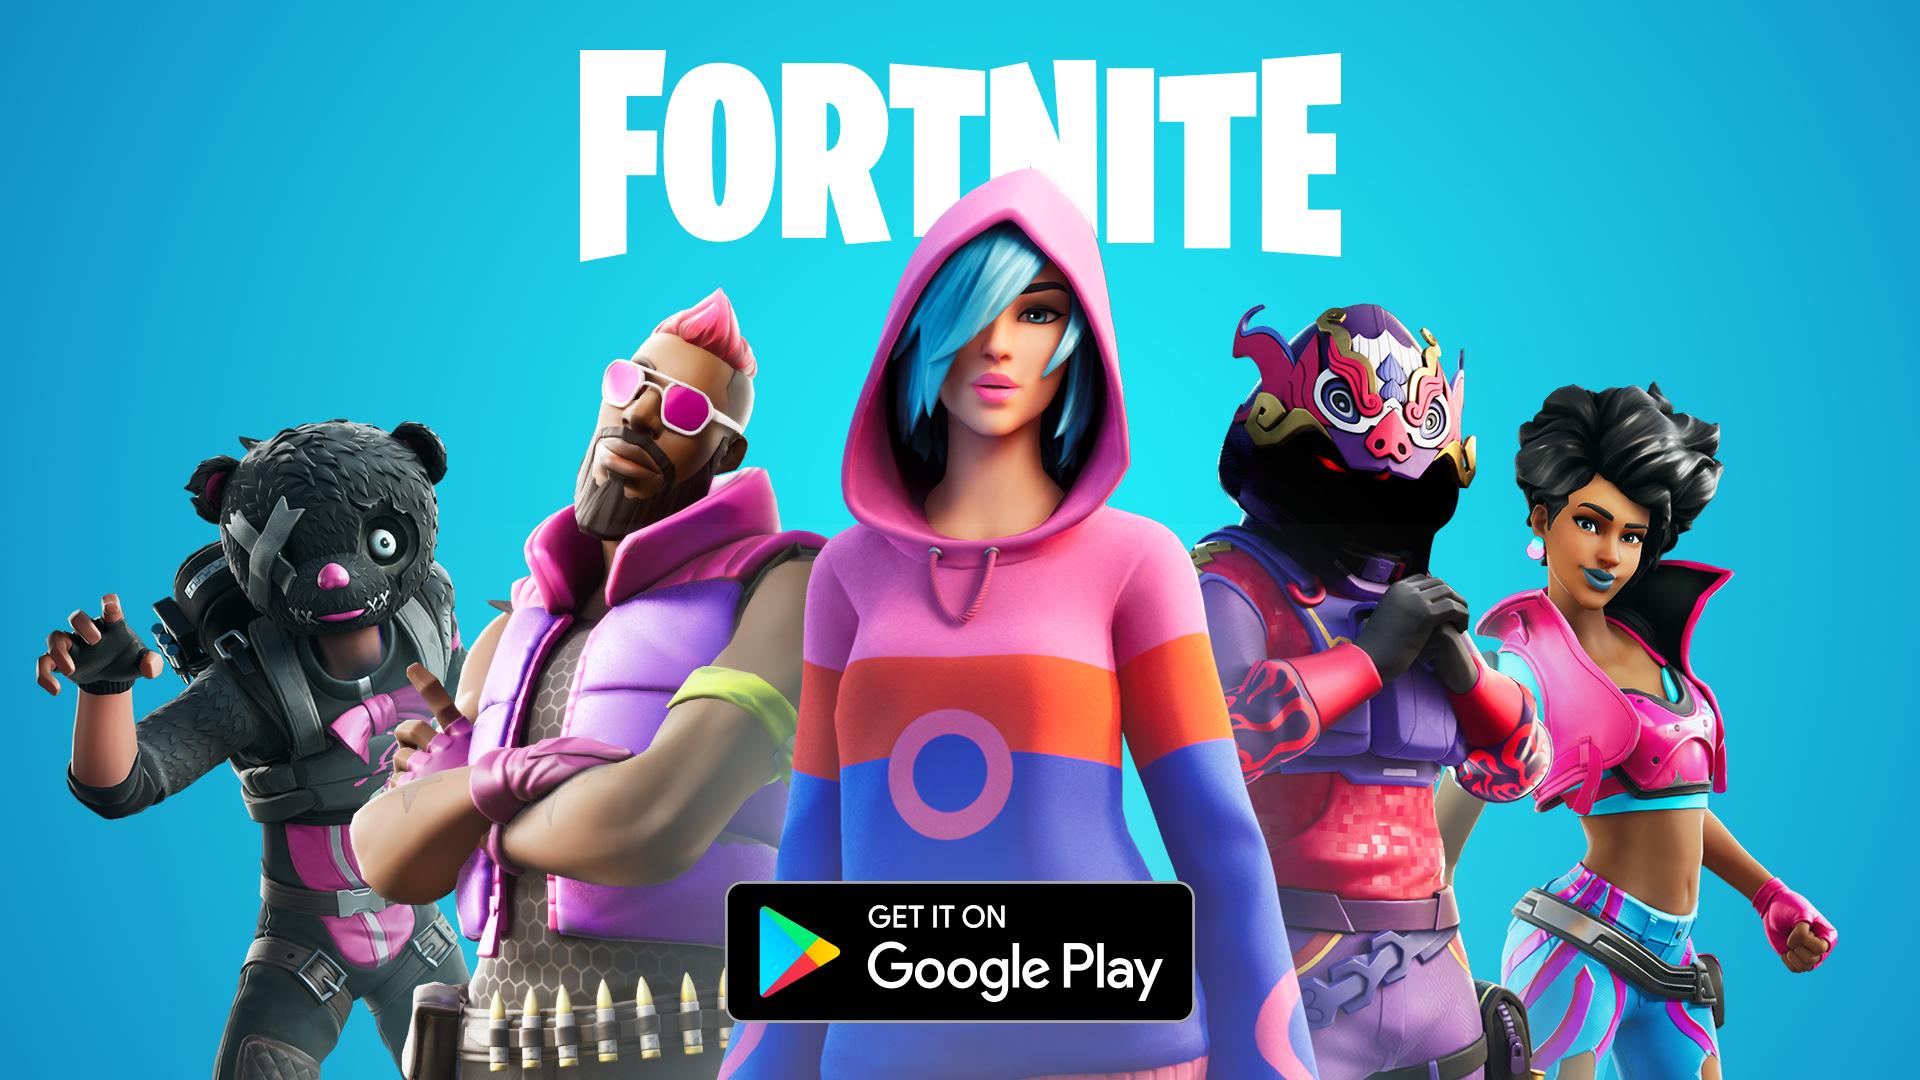 Fortnite pour Android est désormais téléchargeable depuis Google Play